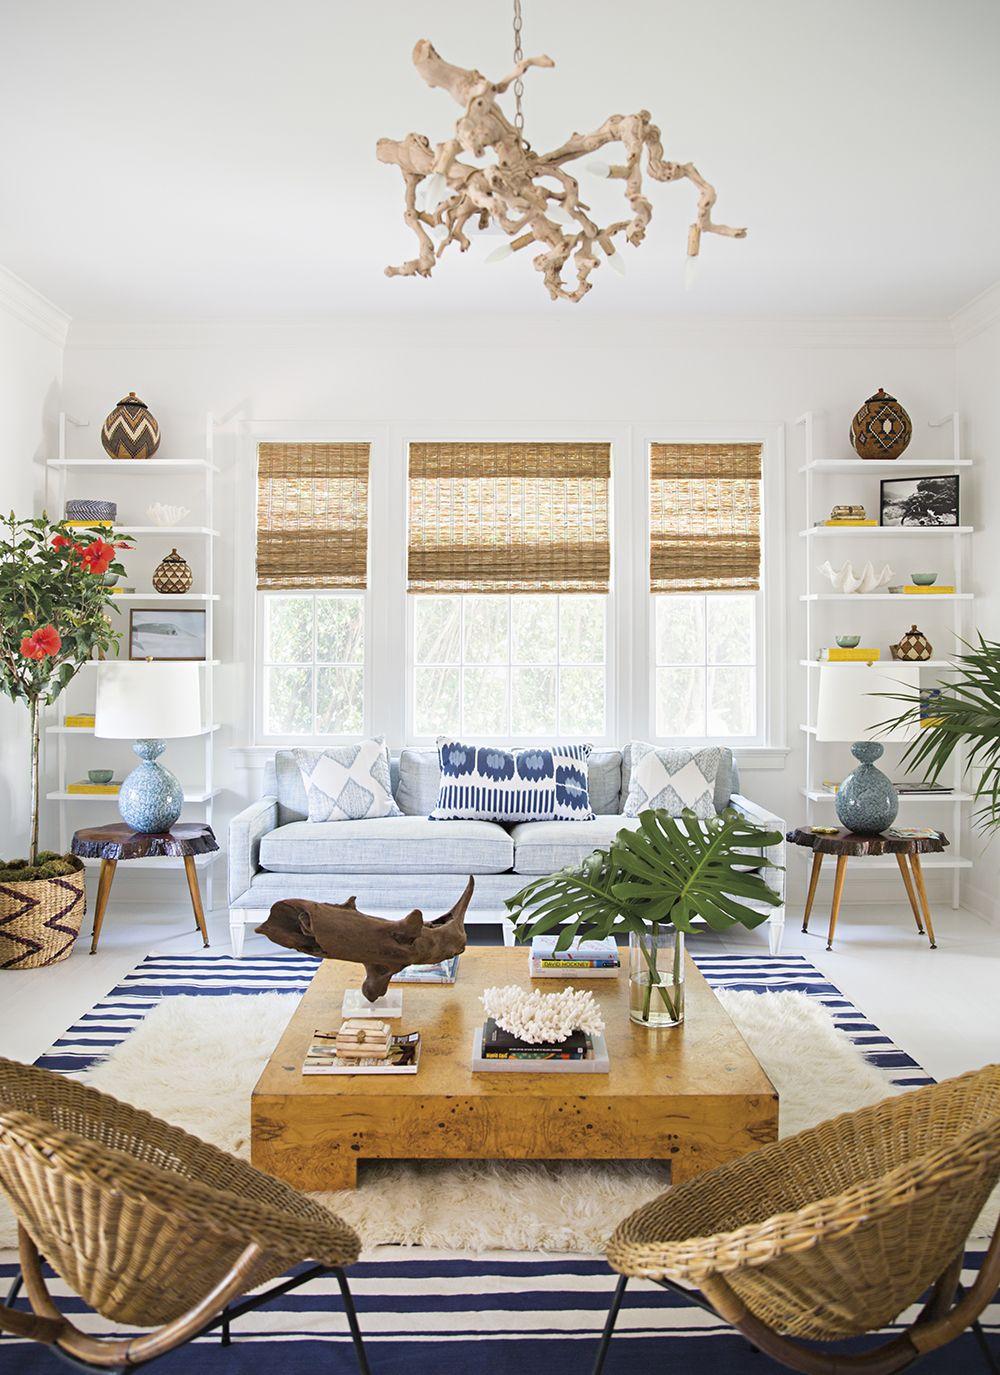 Home design exterieur und interieur living room  nature u décor intérieur et extérieur u design